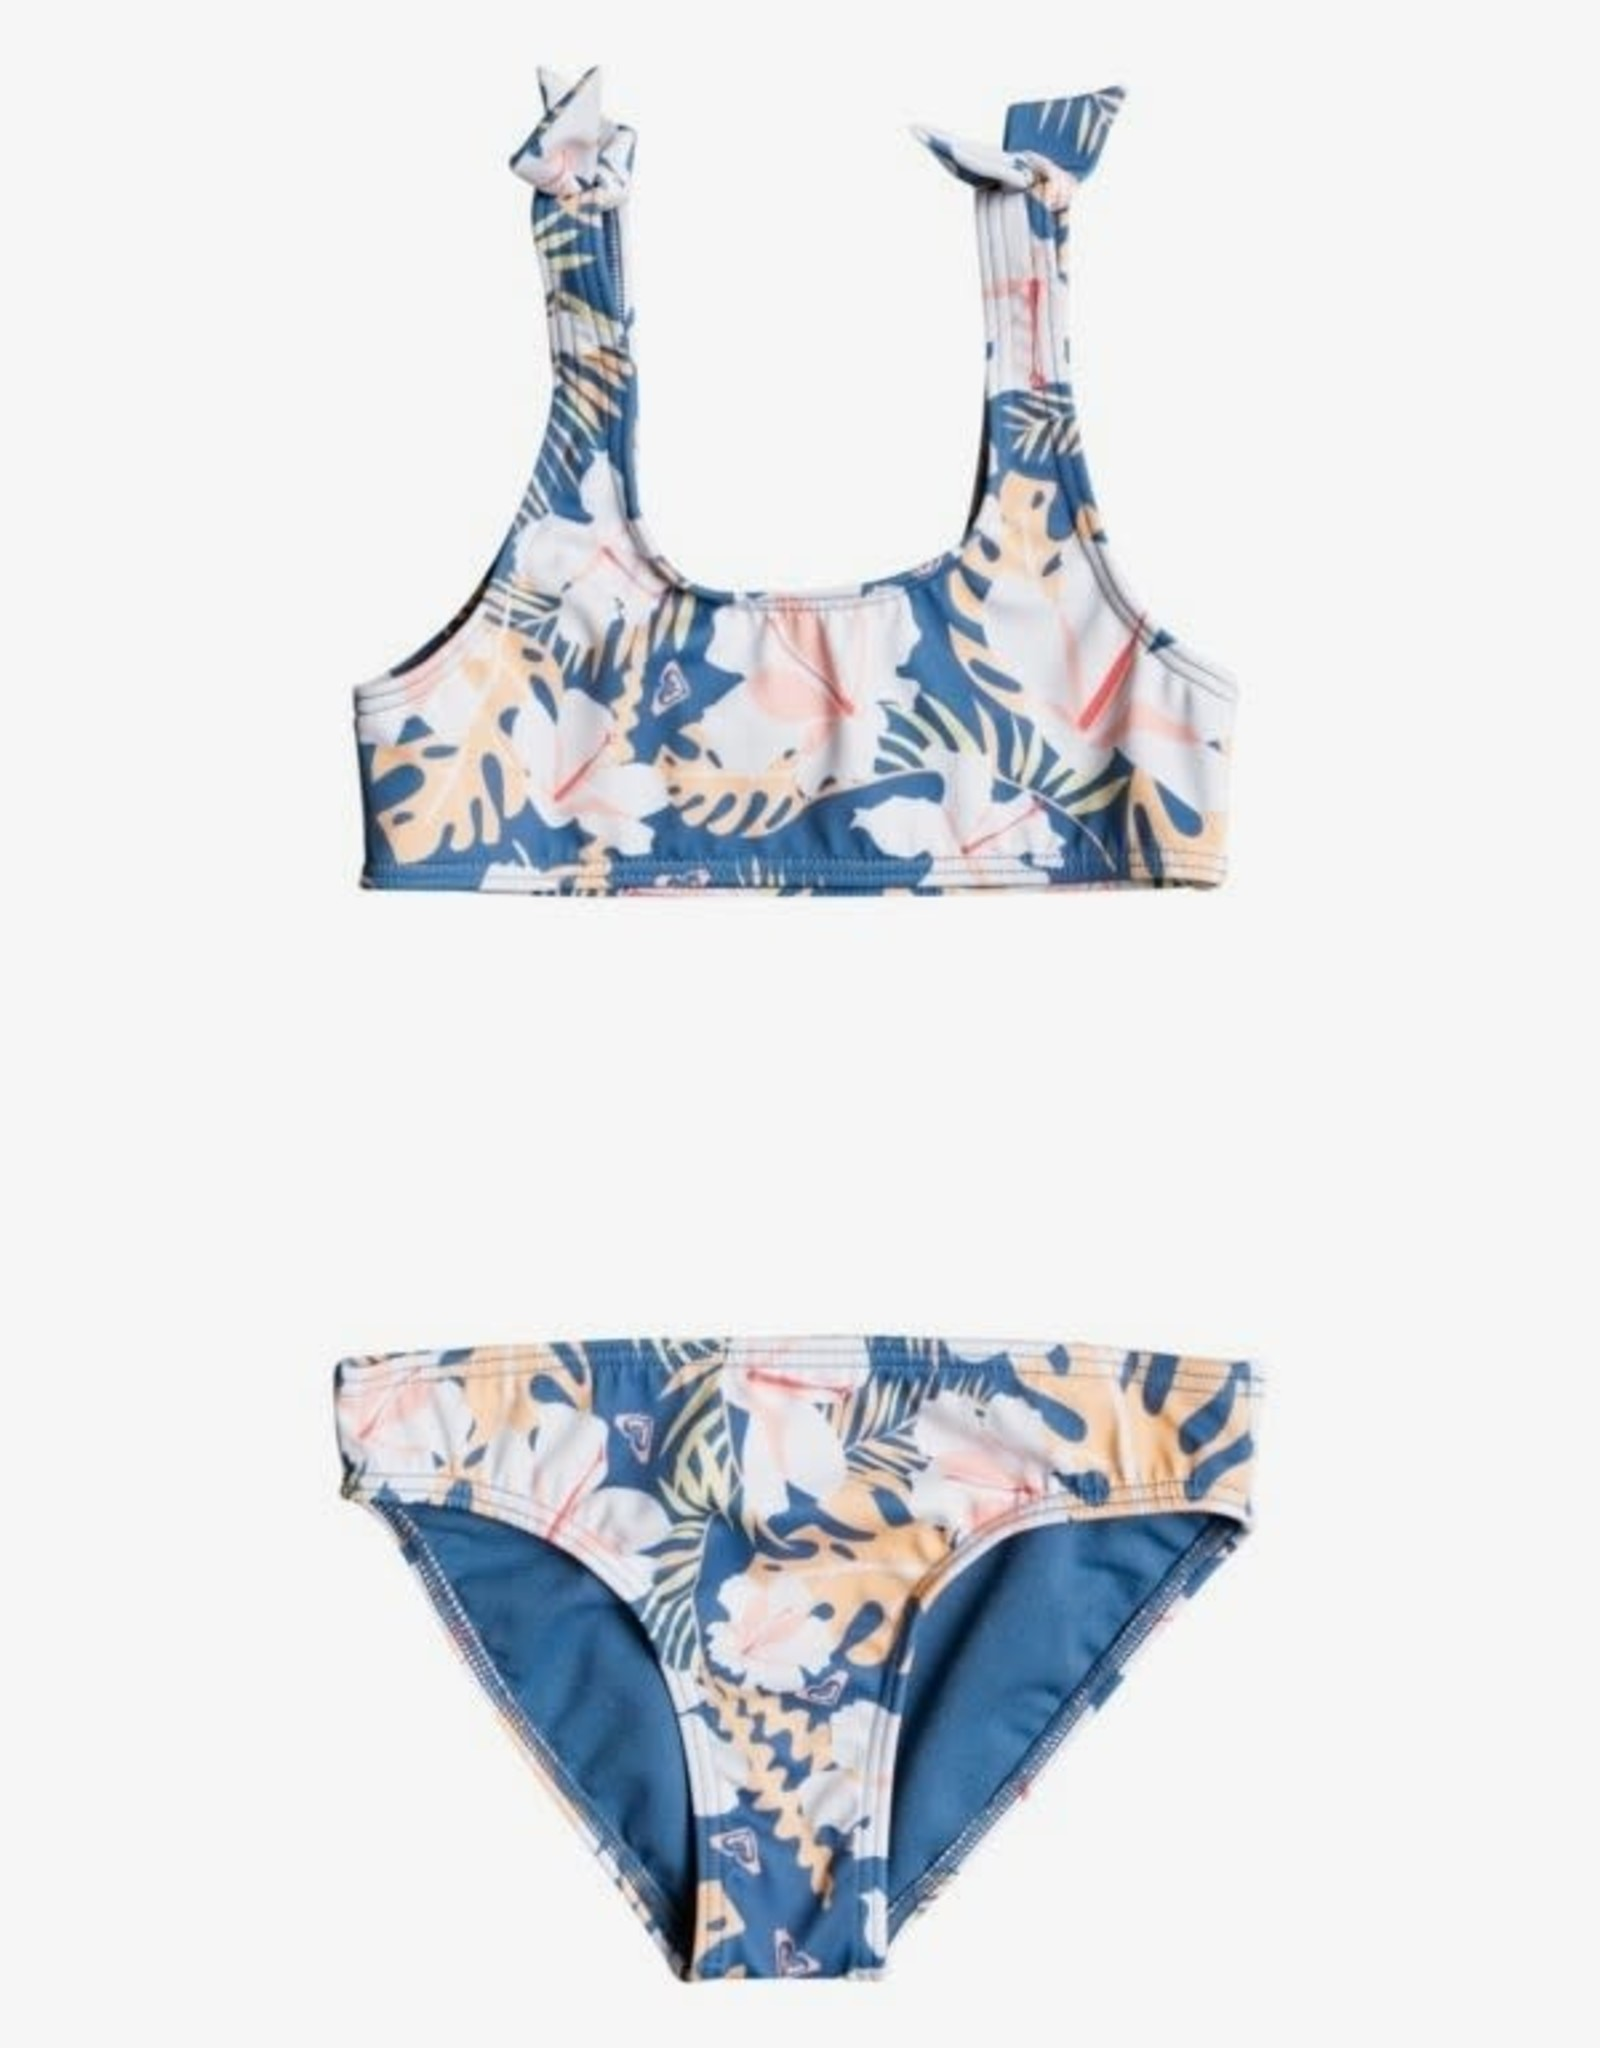 Roxy Roxy Girl Swim Lovers Bralette Set ERLX203124